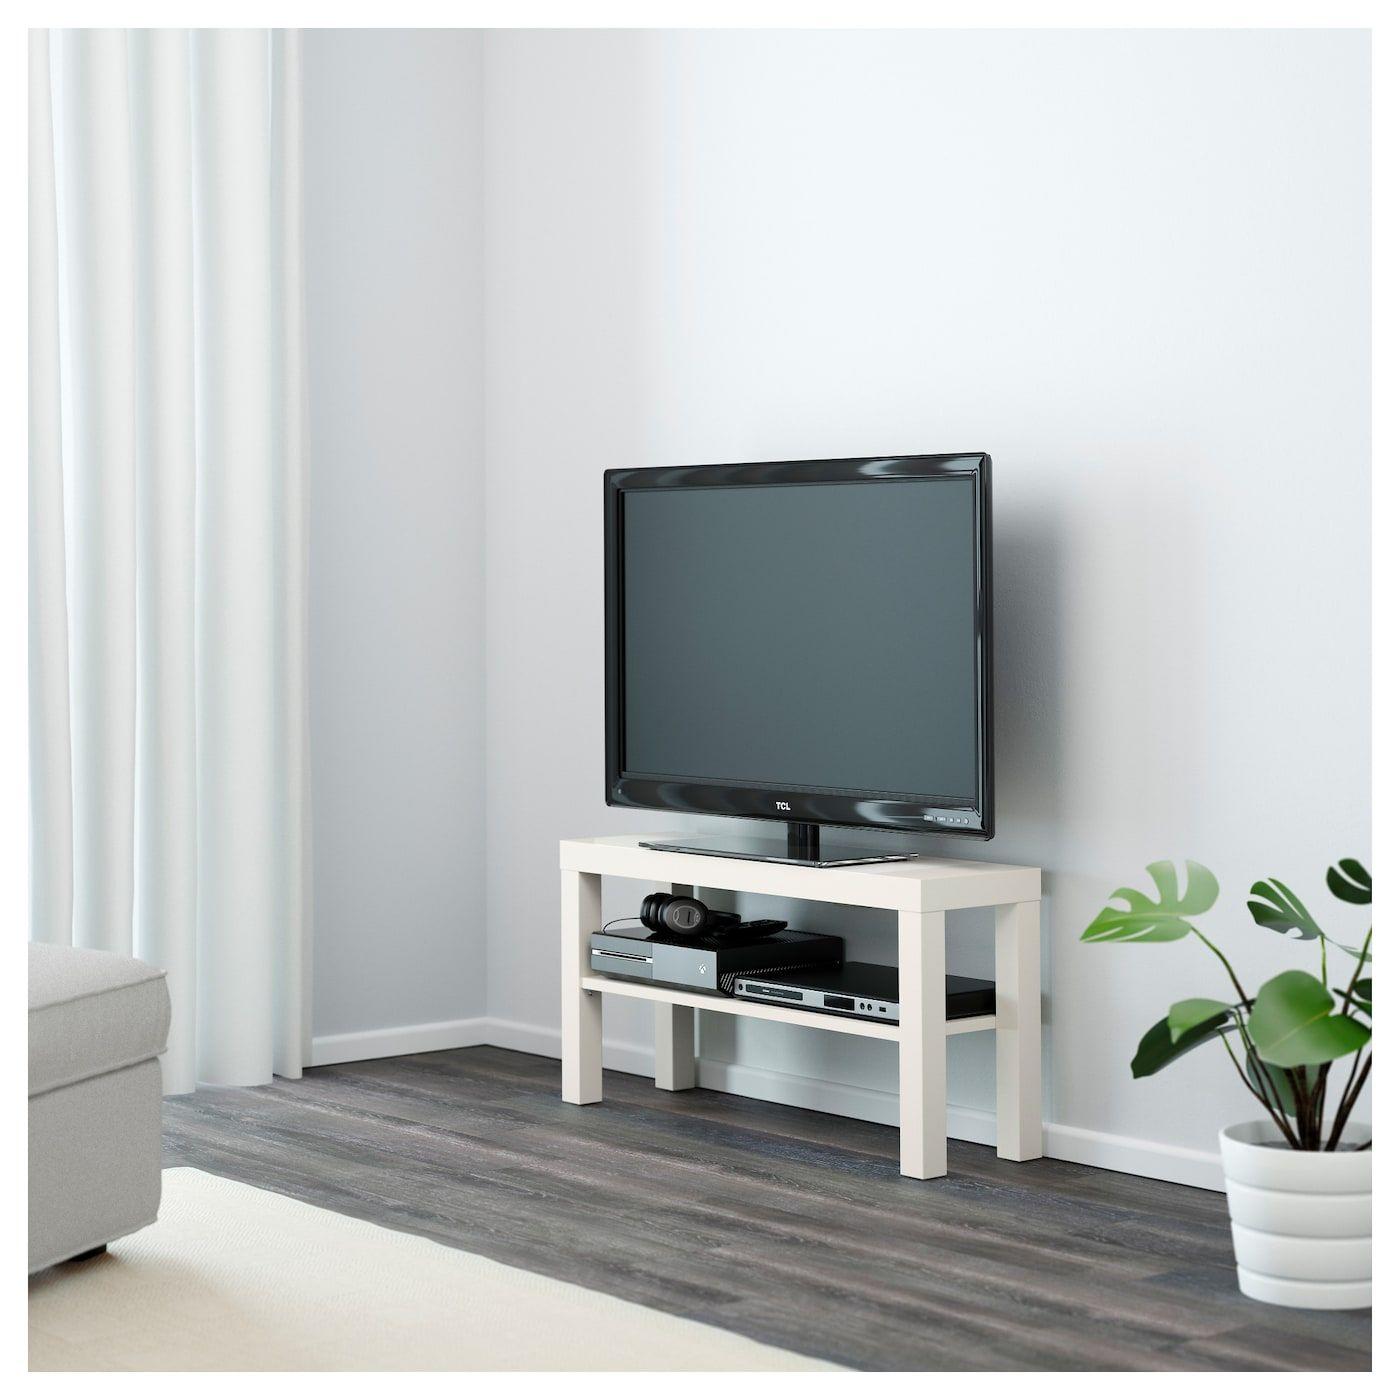 Mobel Einrichtungsideen Fur Jedes Zuhause Petit Meuble Tv Banc Tv Meuble Deco